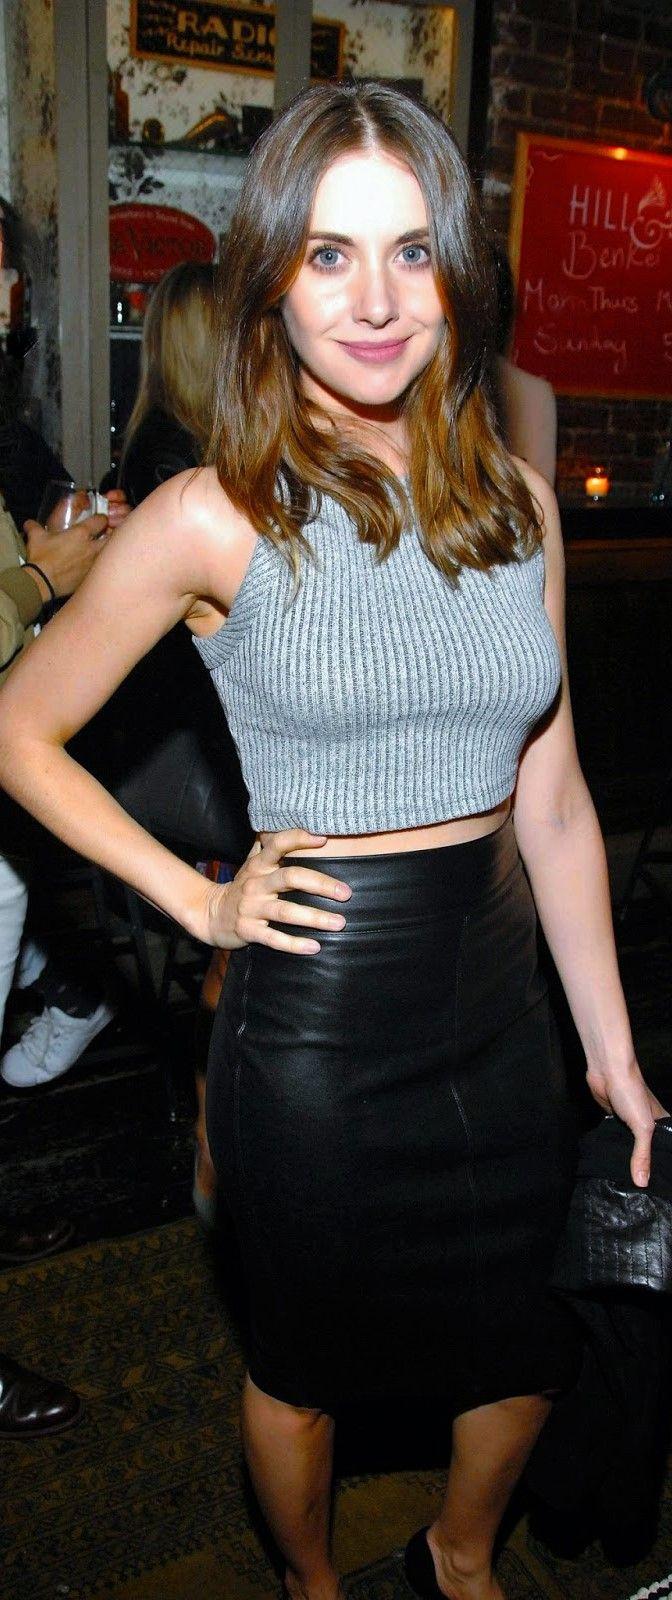 Alison brie hot esquire